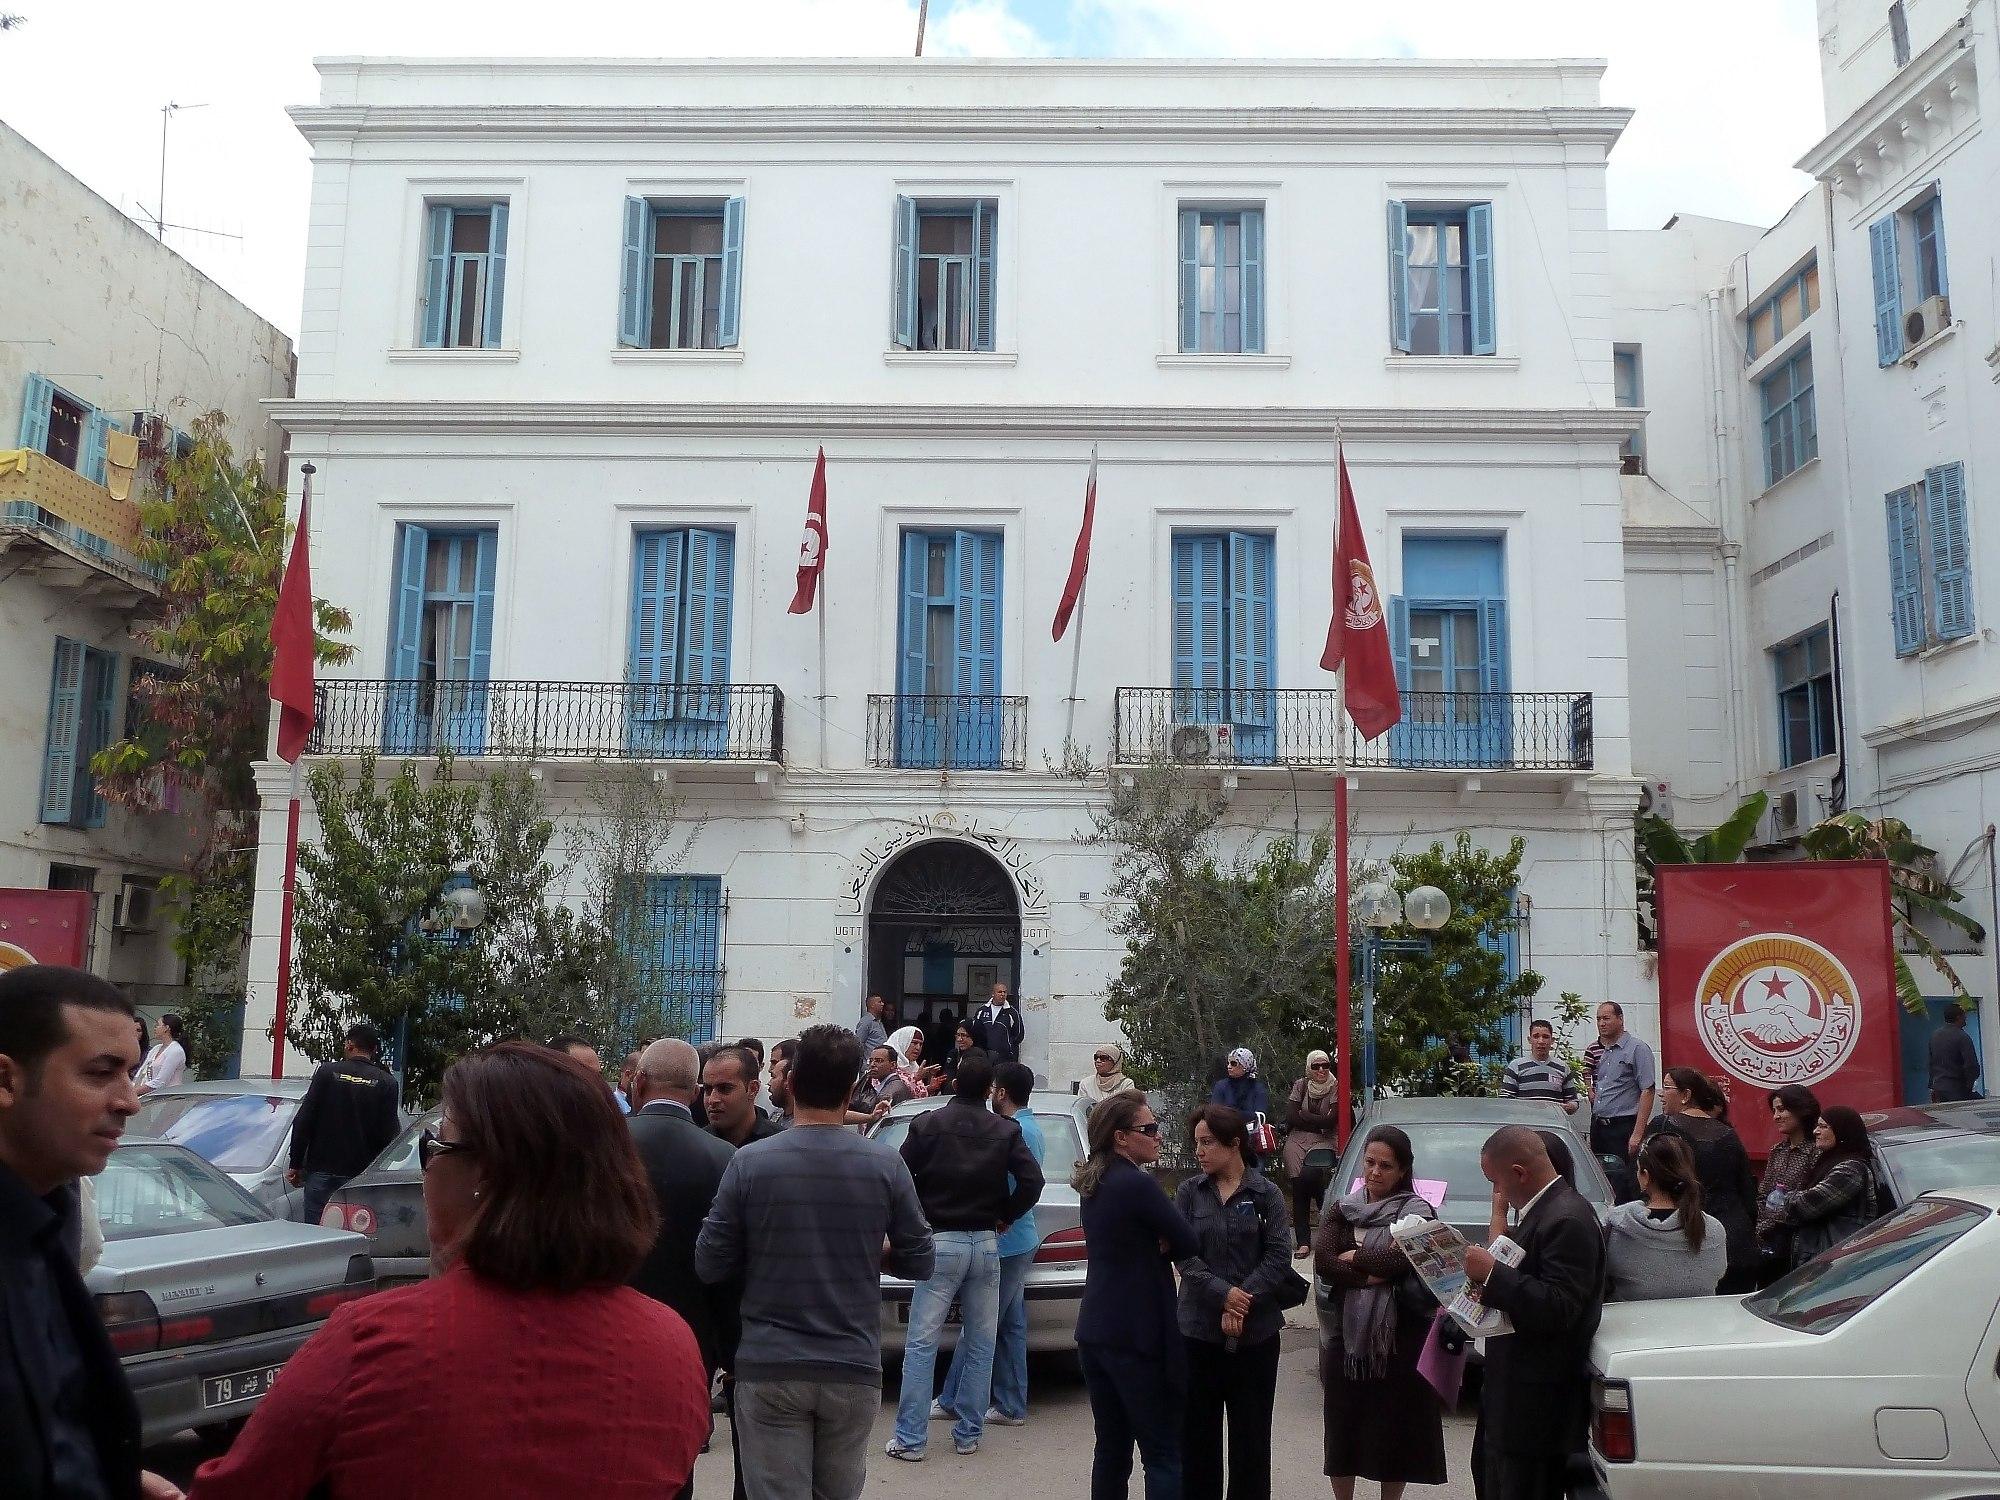 Platzbesetzung in der UGTT in Tunis (Quelle: Wikipedia)